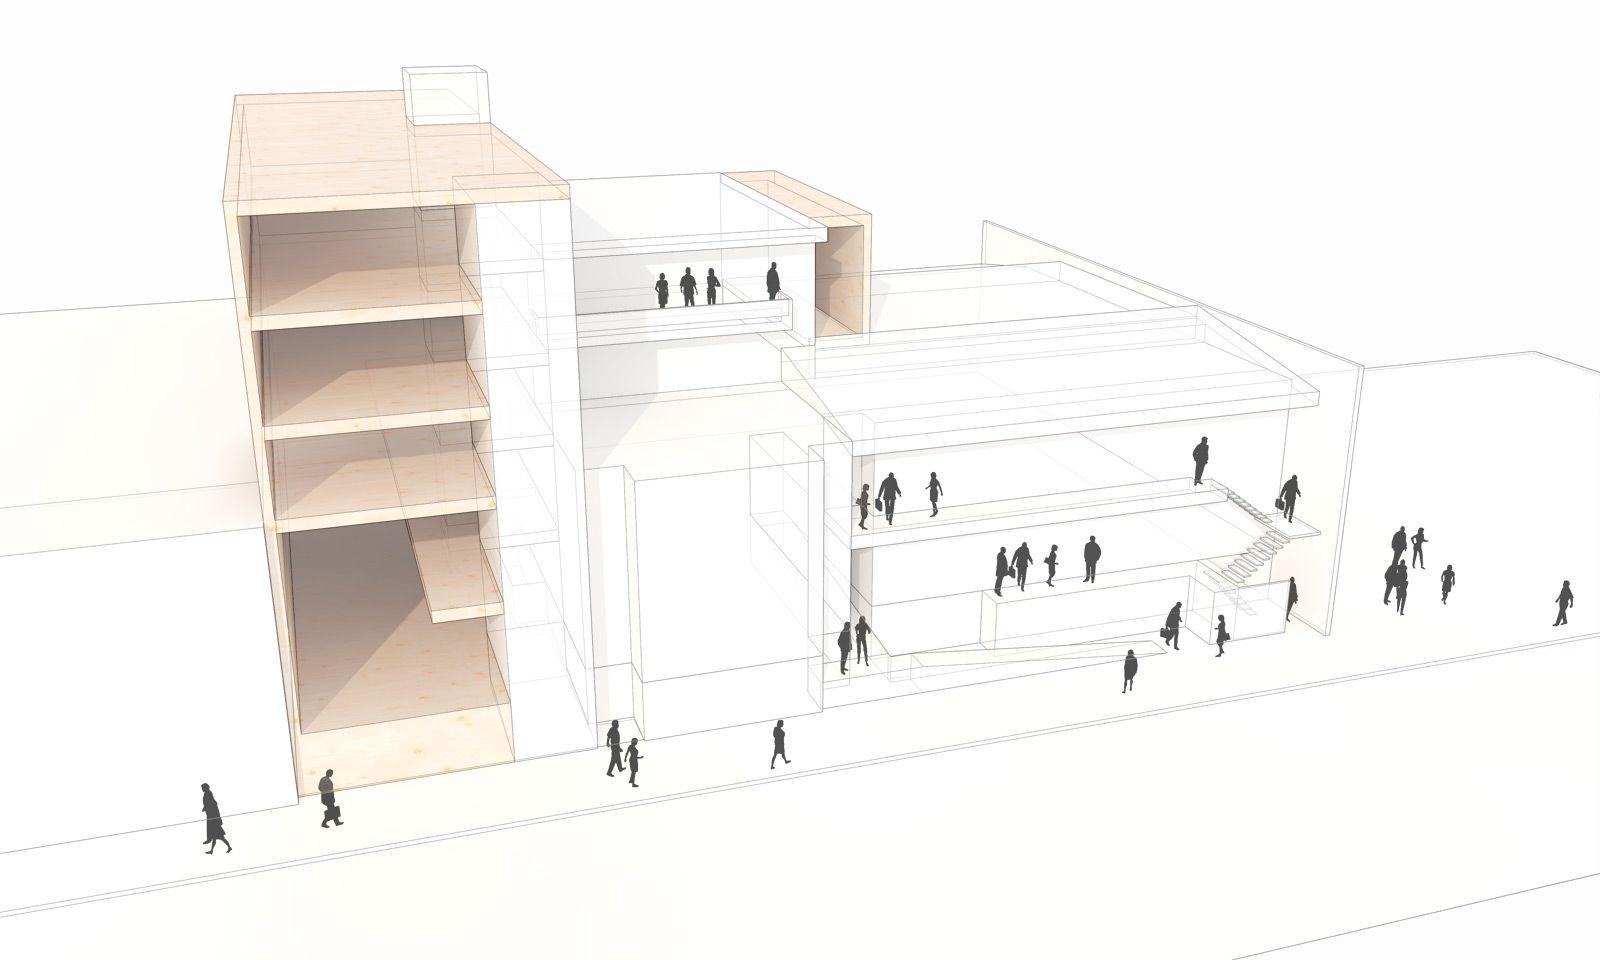 Urban Infill Schematic Design | BUILD Blog | Urban infill ...